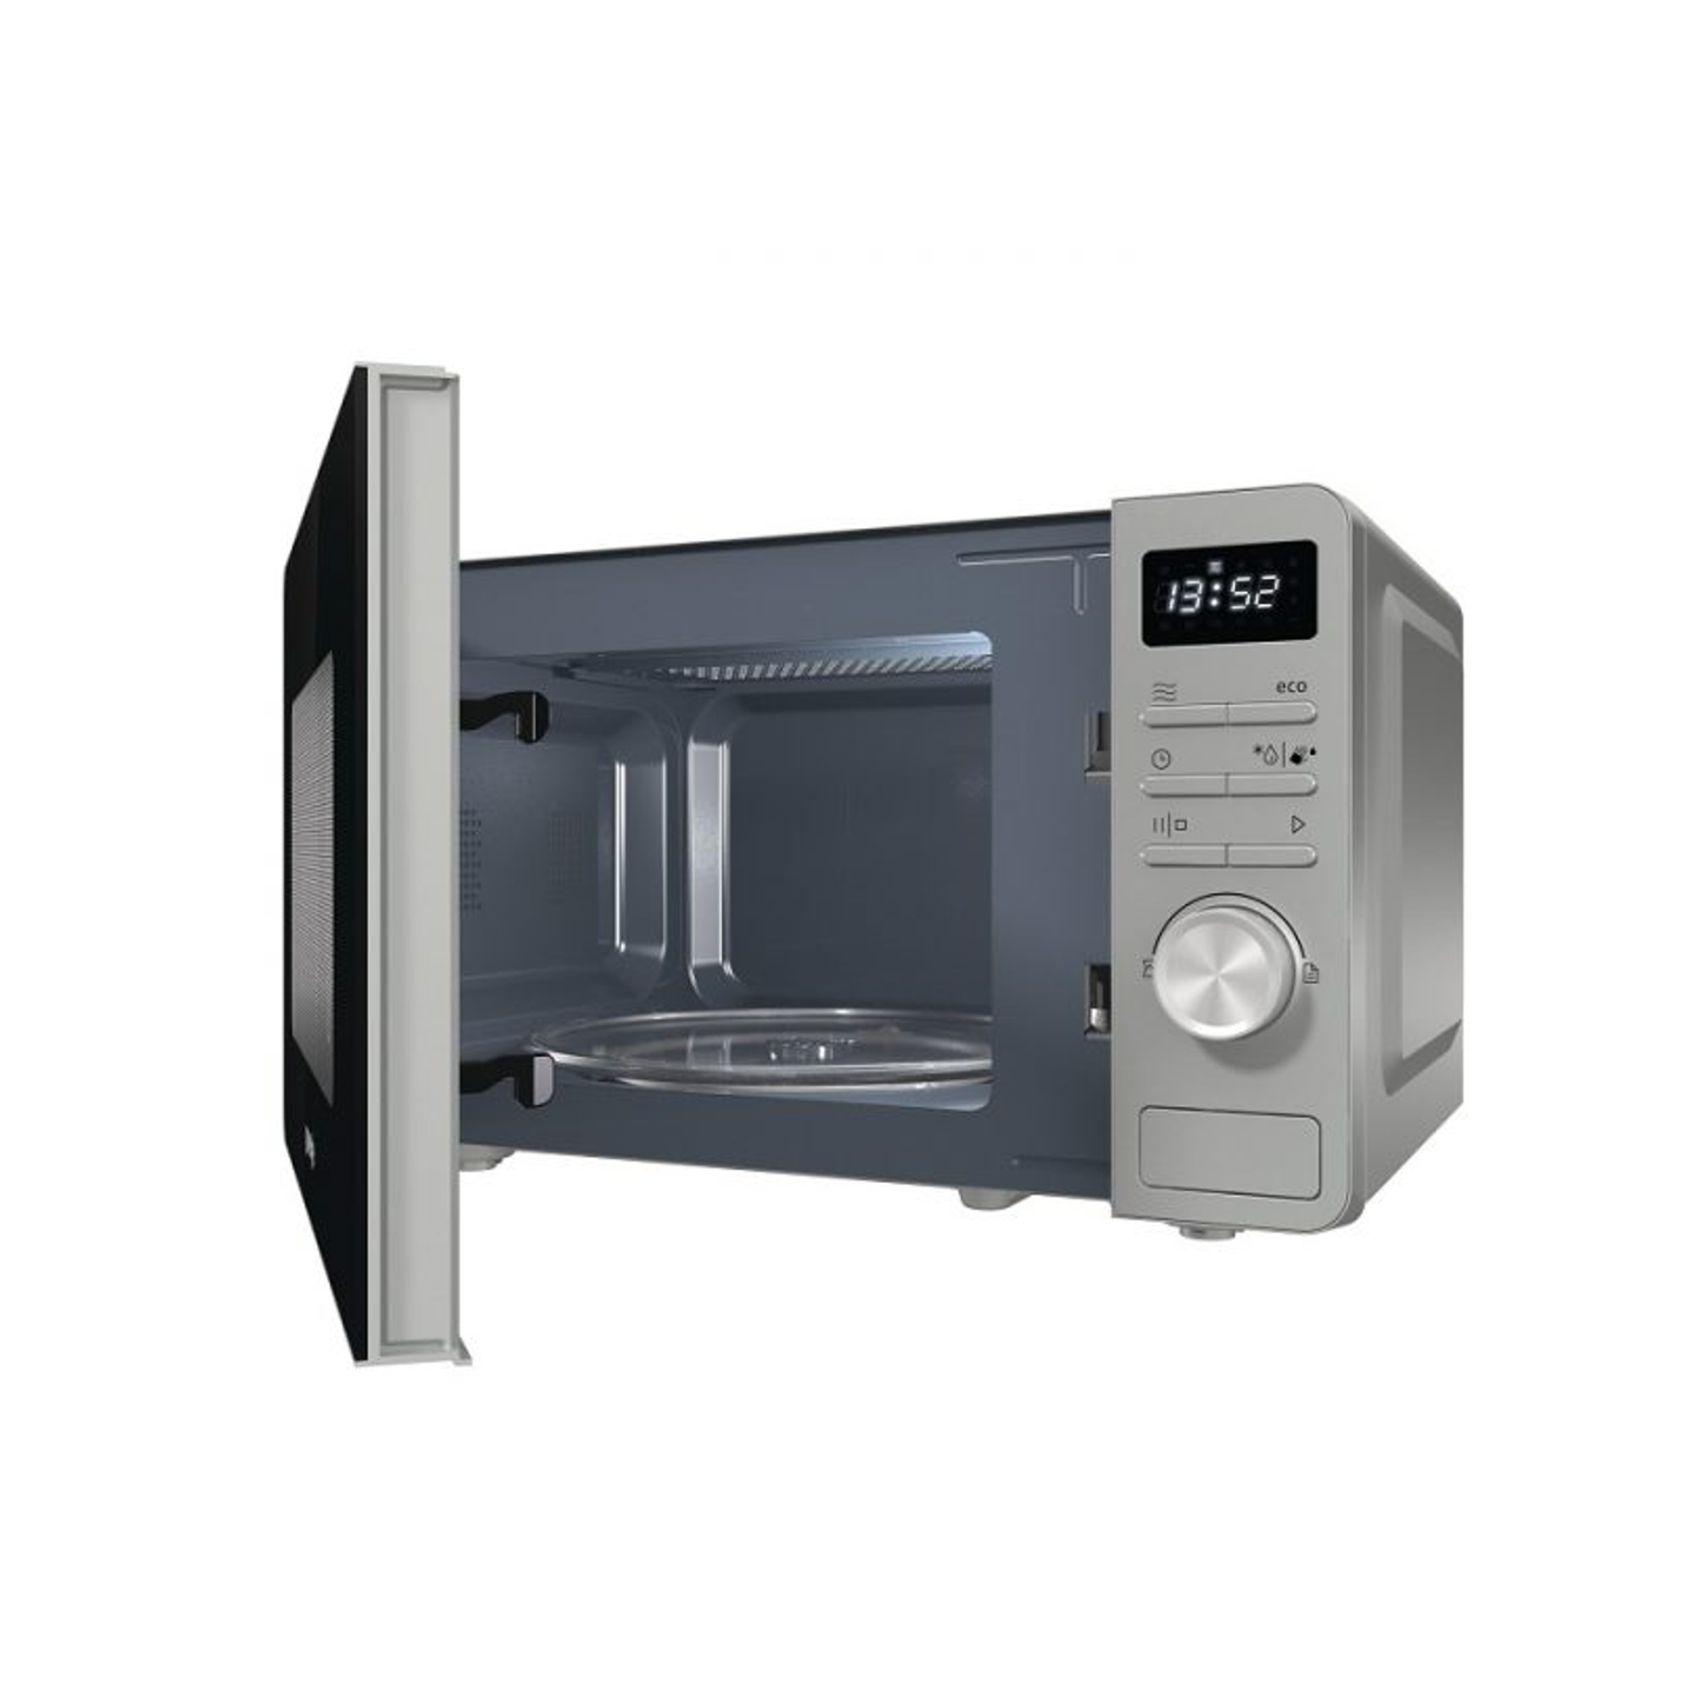 Микроволновая печь Gorenje MO23A4X 2